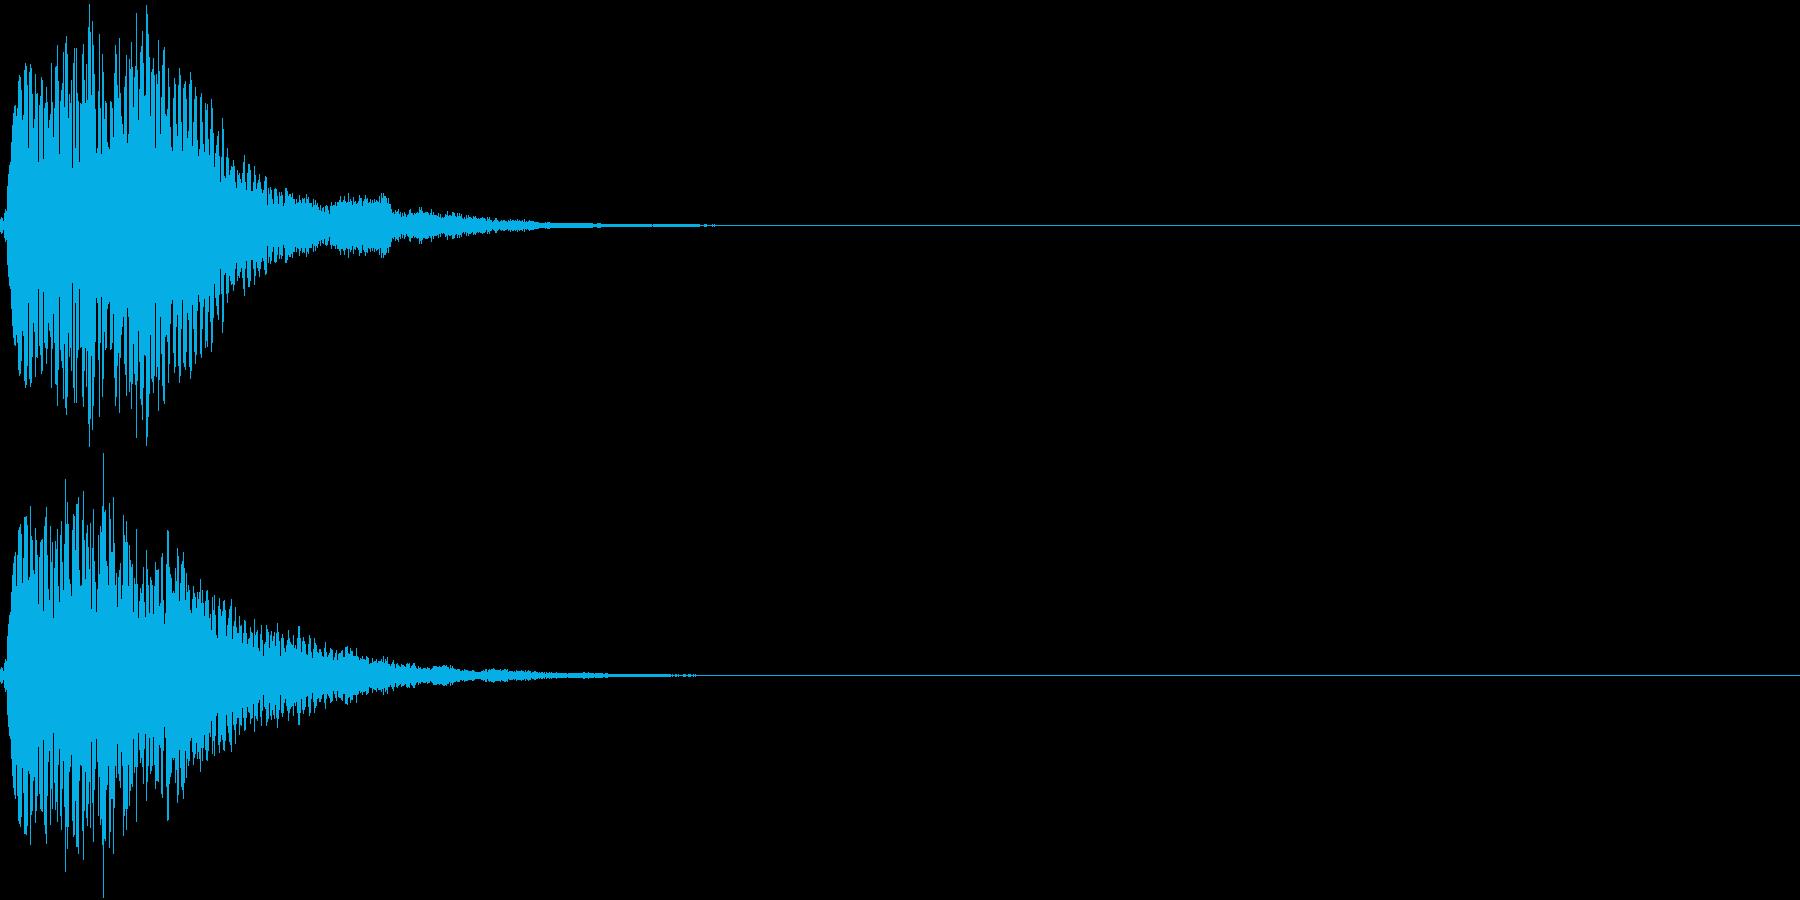 キュイン キーン シャキーン 光る 19の再生済みの波形